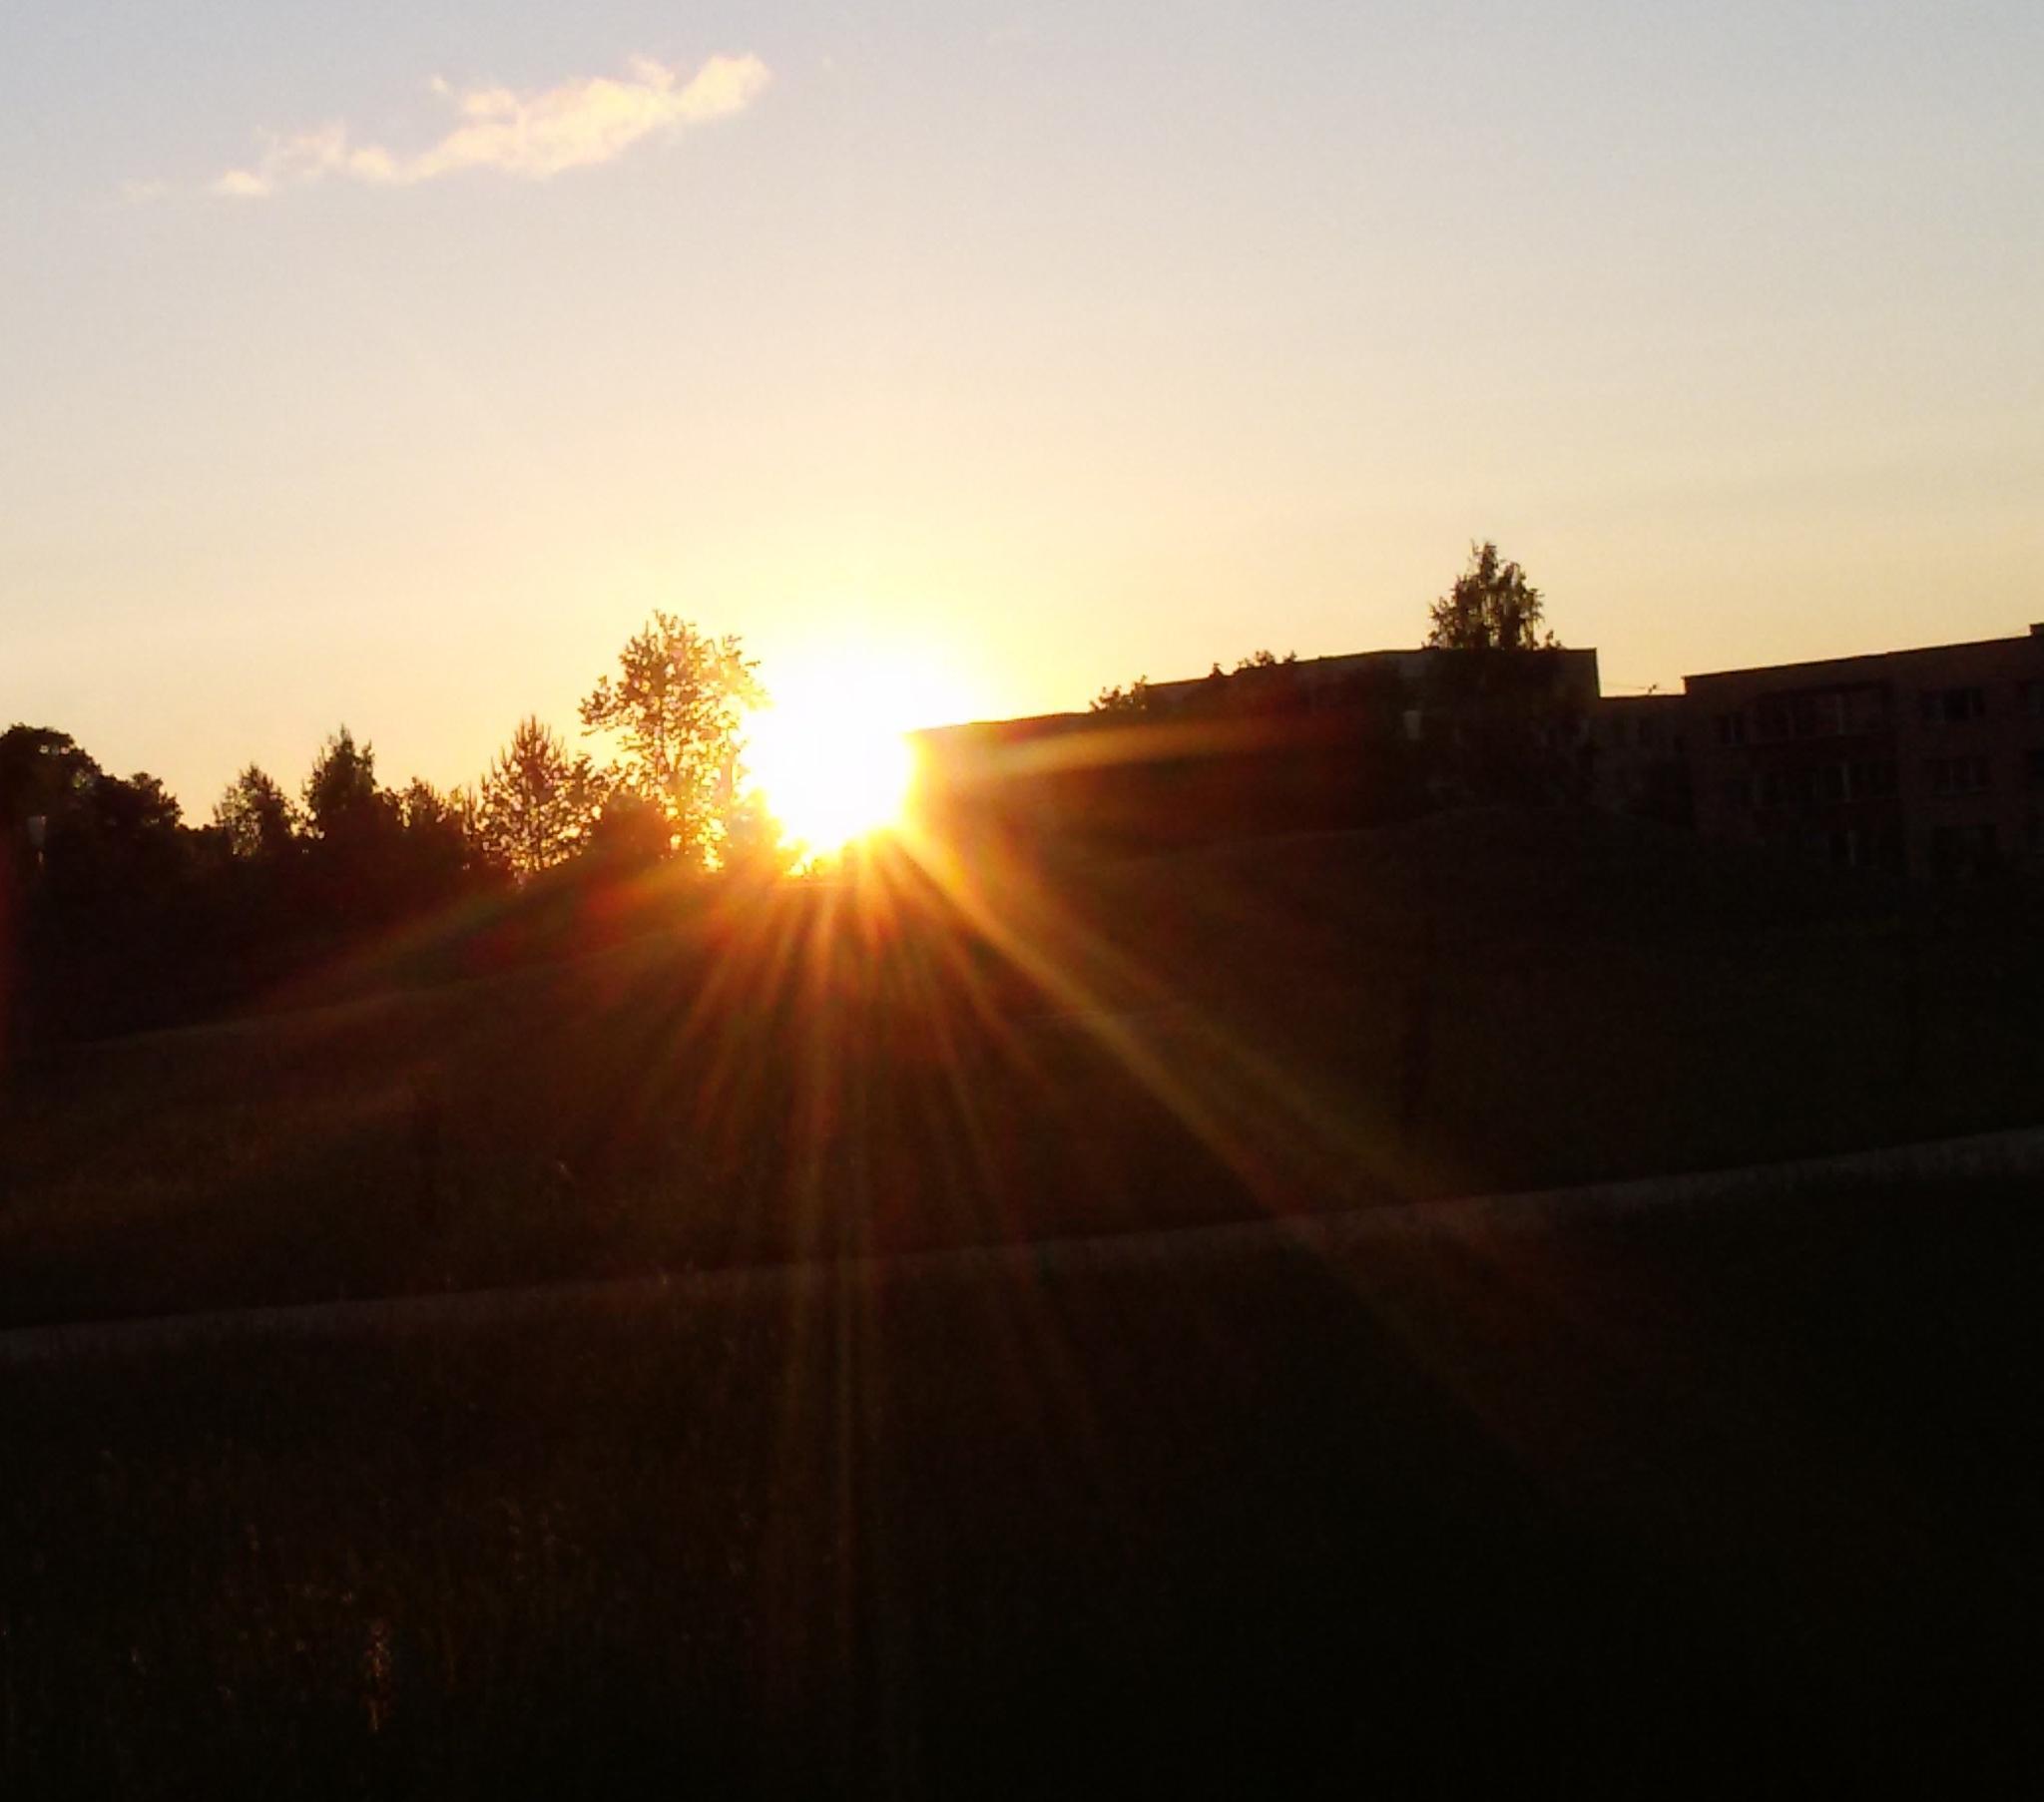 Sunset light by Zita Užkuraitienė